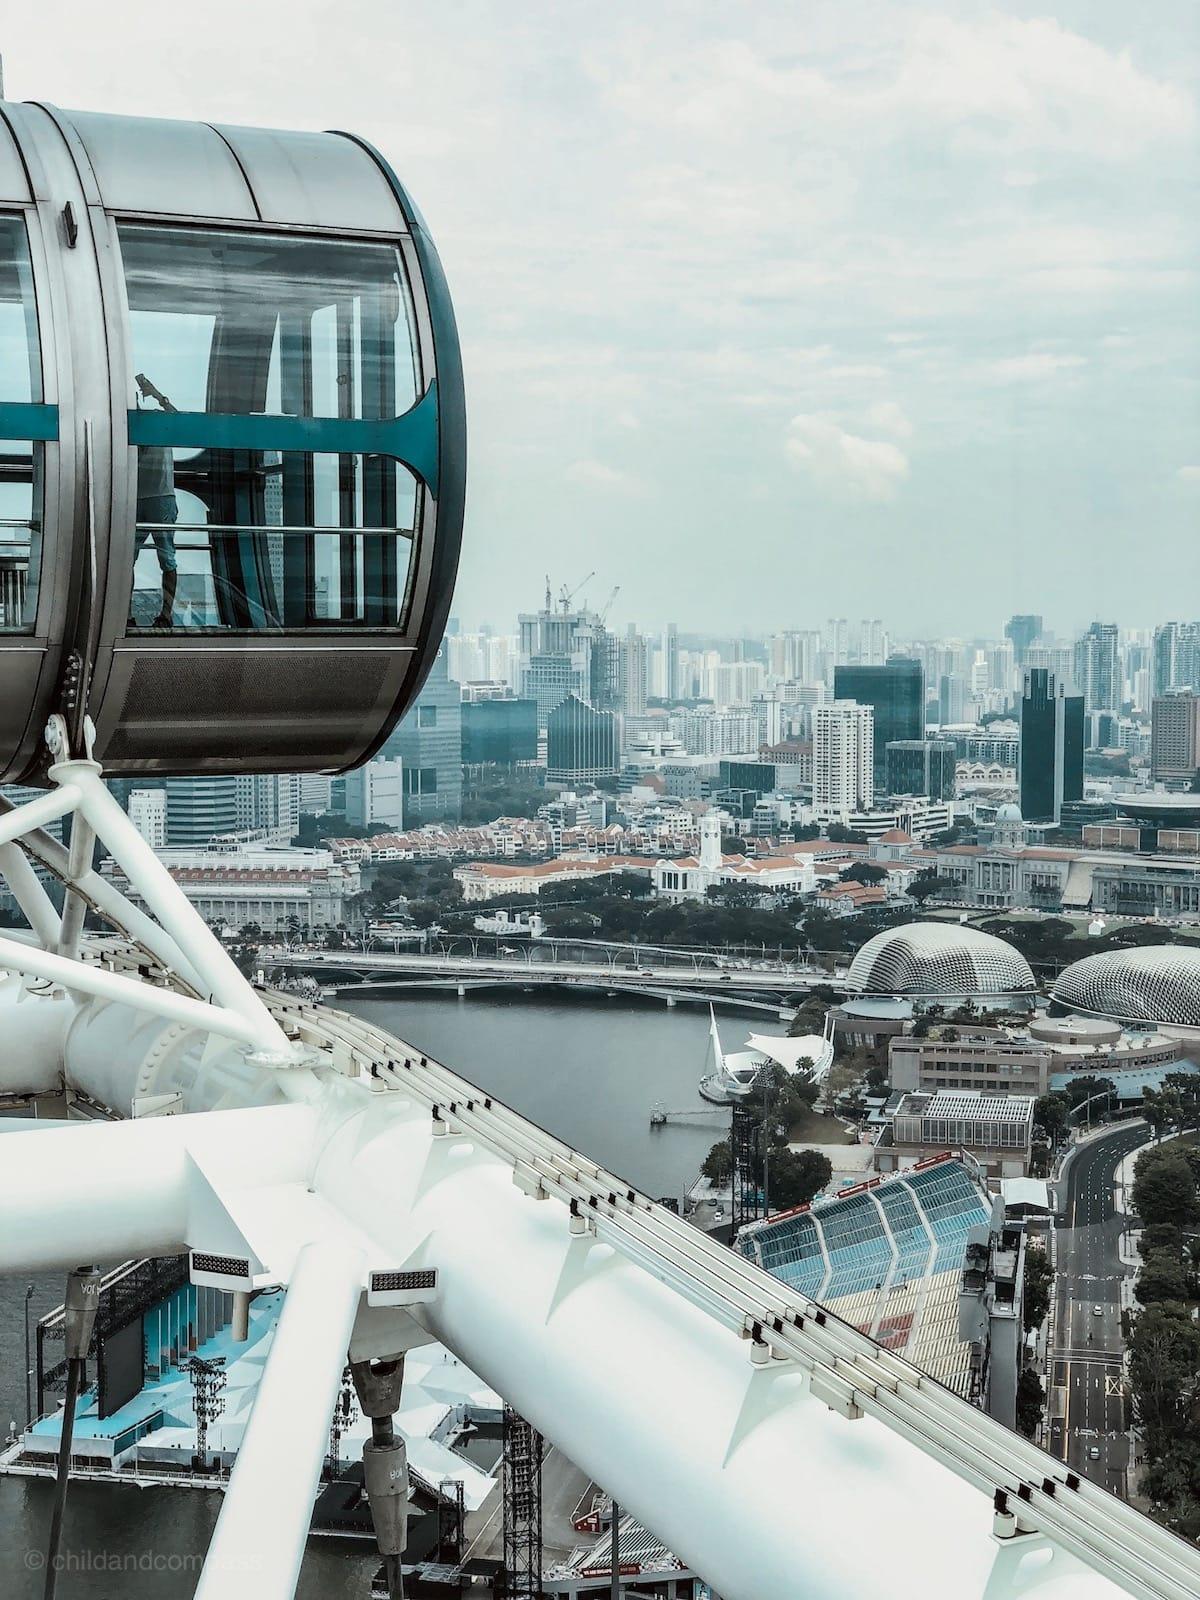 Singapore Flyer Riesenrad,Abends ab 19:30 Uhr werden die gigantischen Konstrukte bunt beleuchtet und es findet eine passende Musikshow statt. Wir haben es uns auf einer der vielen Bänke im Park gemütlich gemacht und uns das Spektakel mit mitgebrachten Getränken und einem kleinen Snack von unten angeschaut.